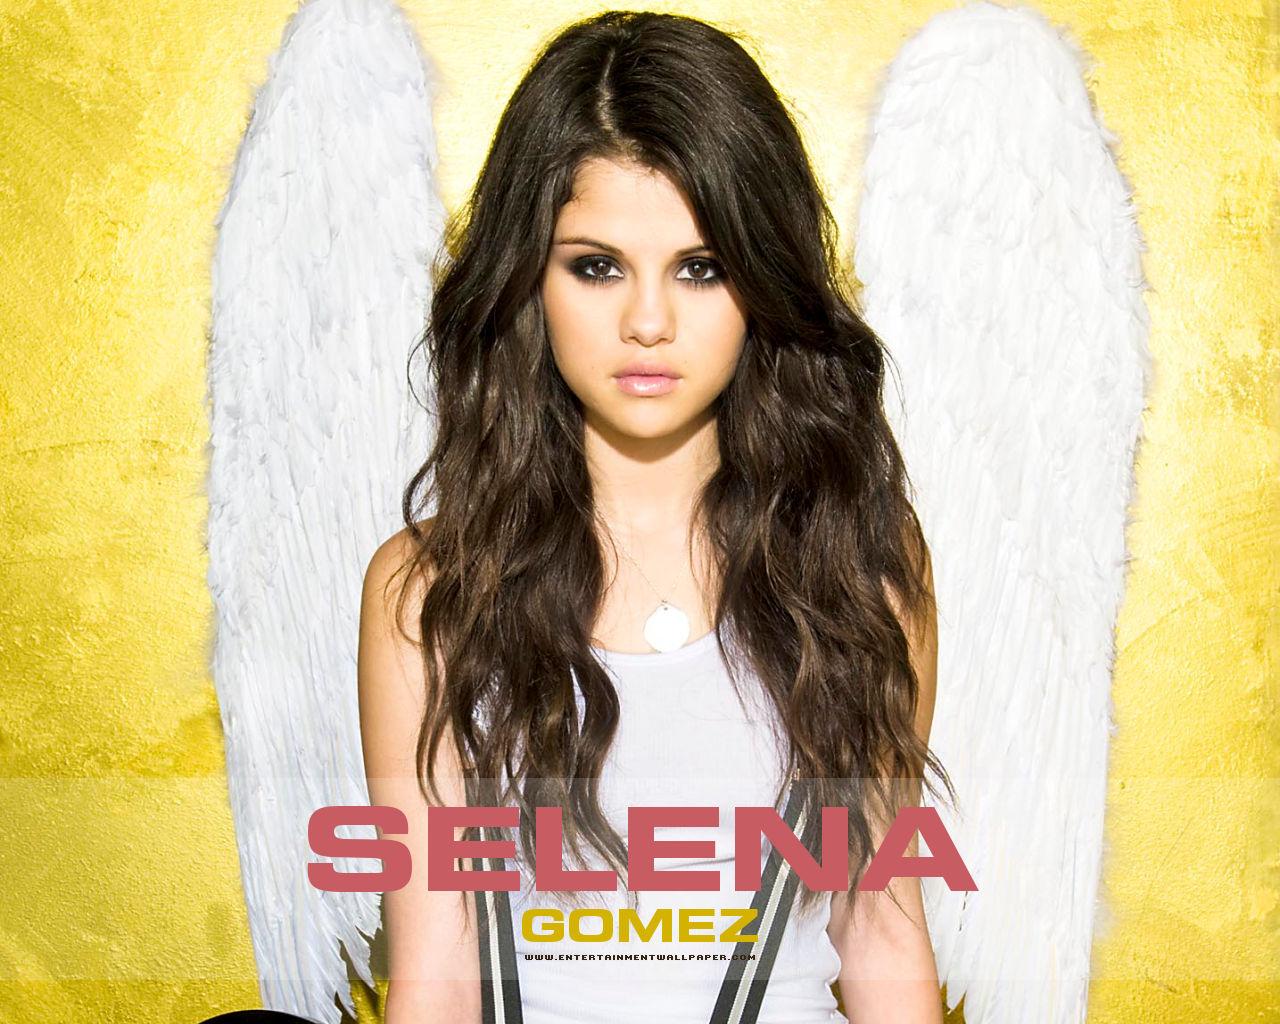 Selena Gomez pasar la navidad con sus abuelos   IBWEB 1280x1024